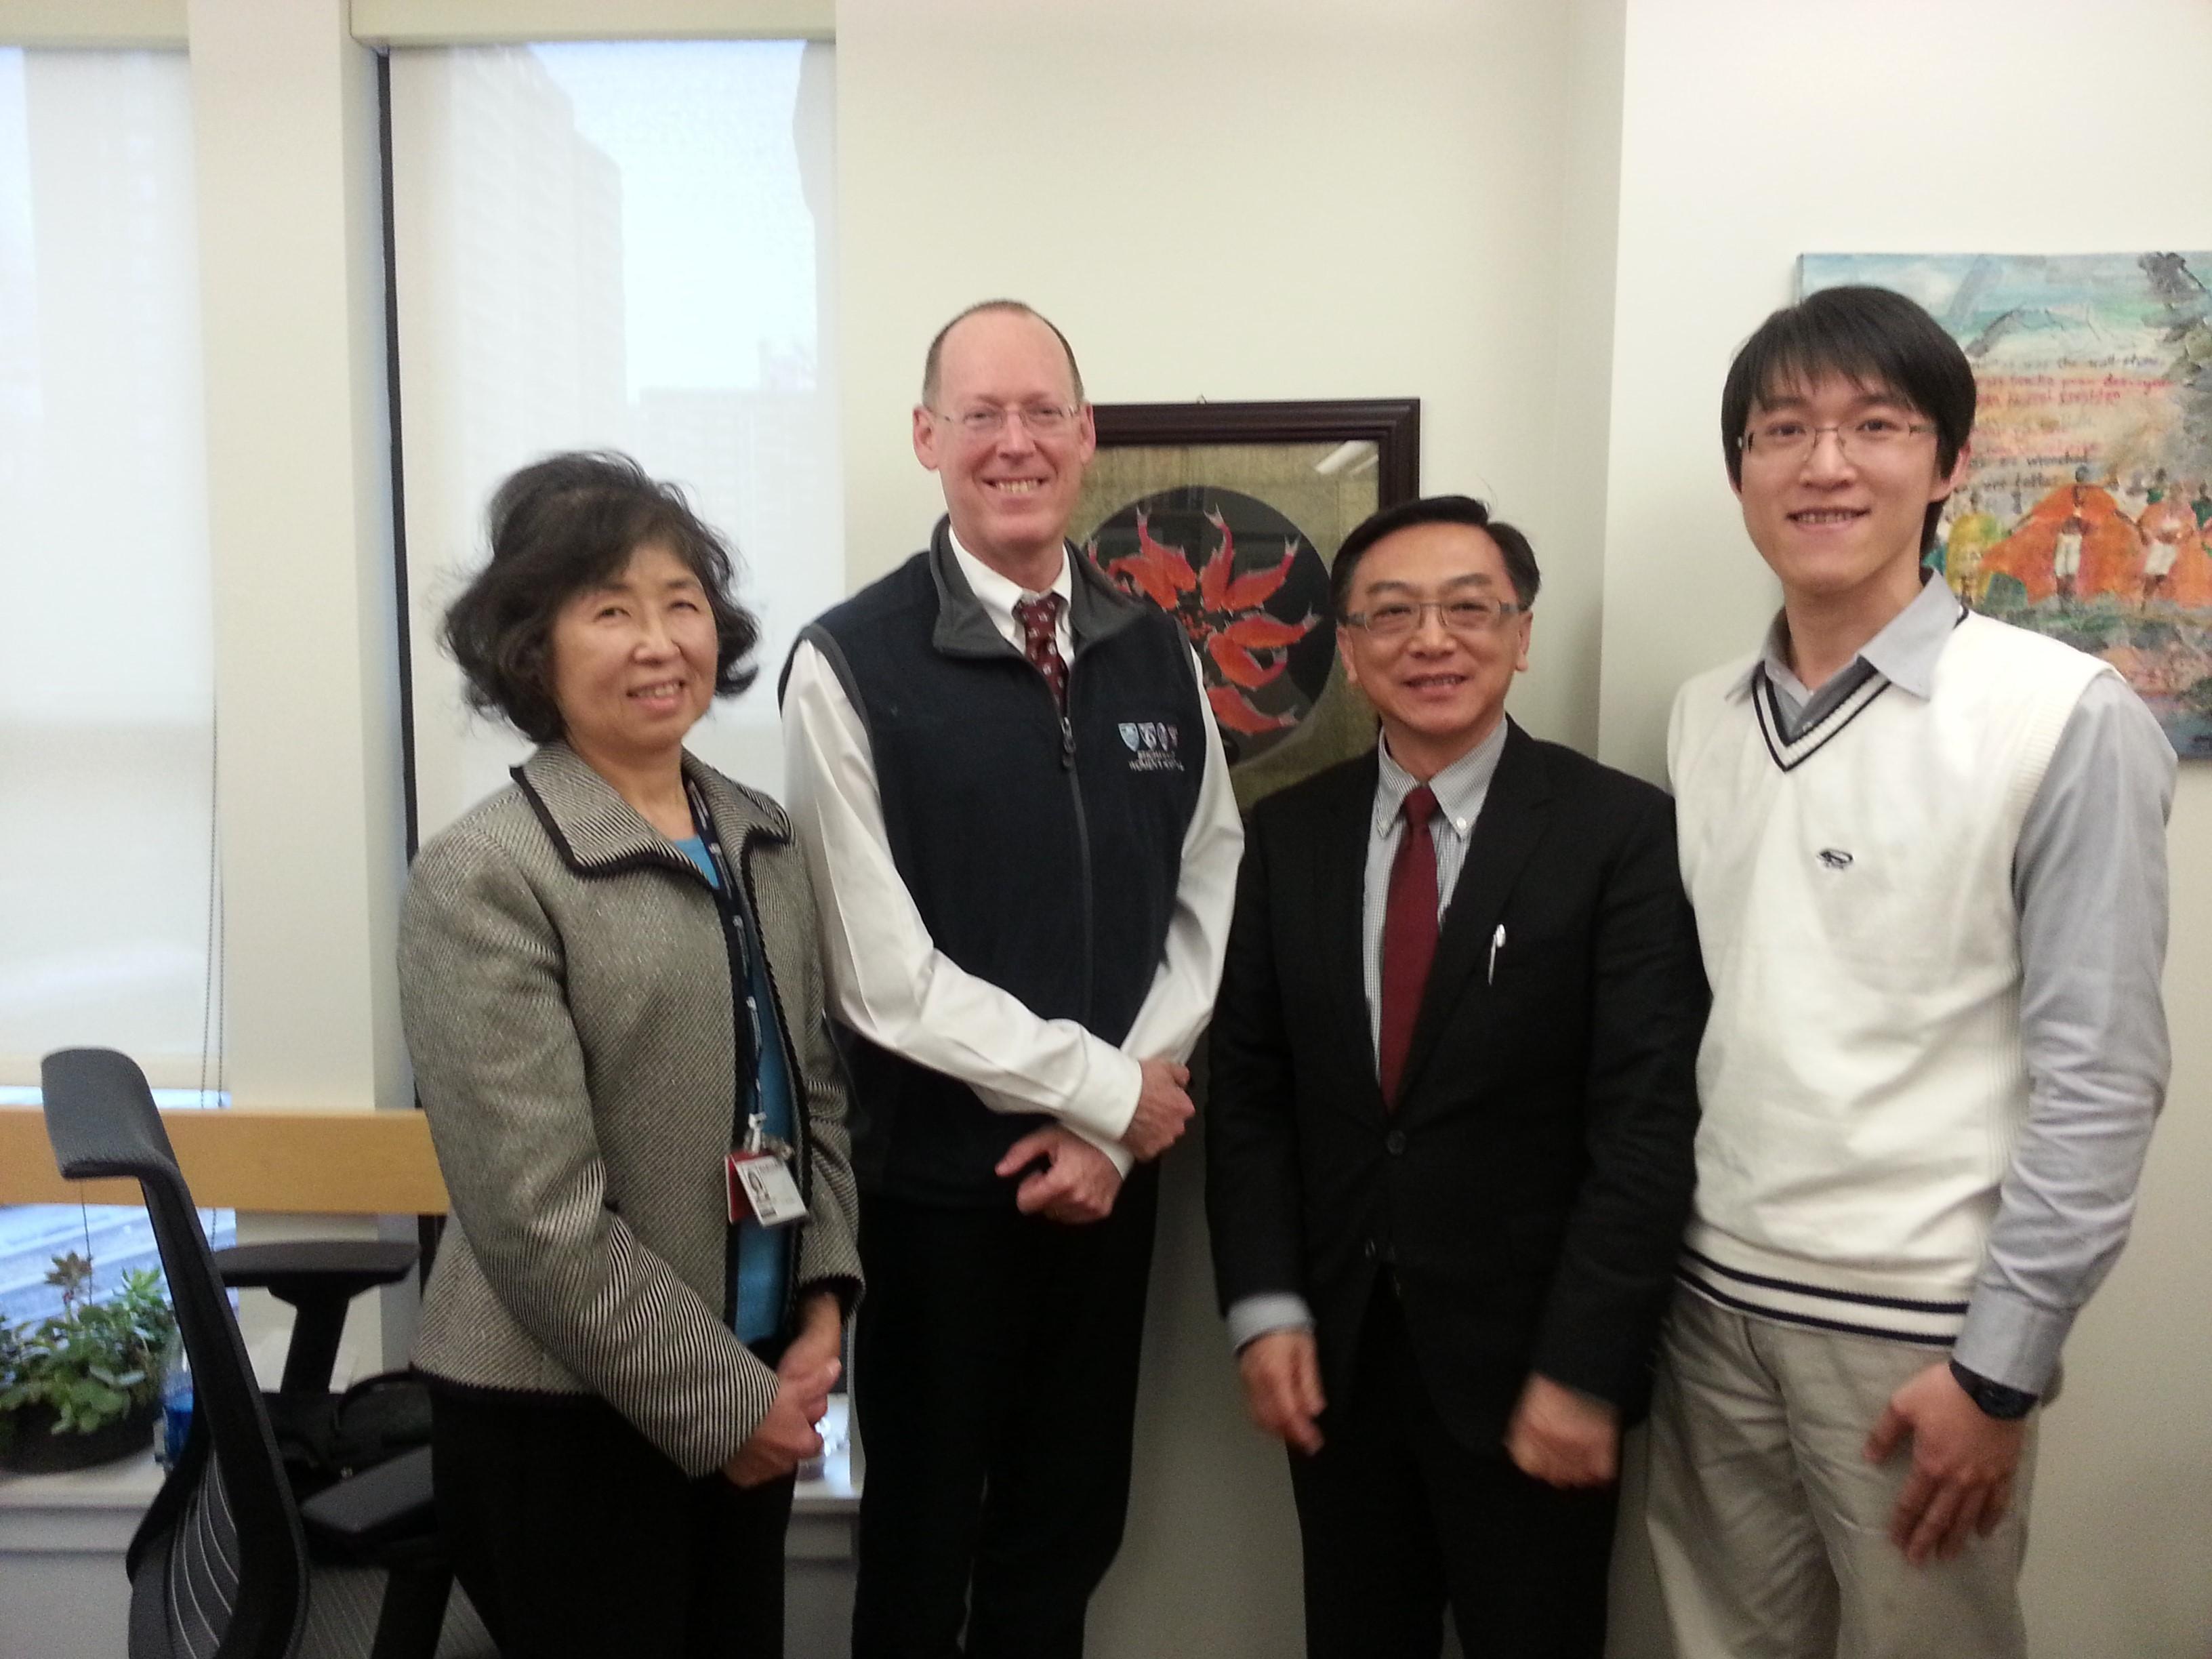 左起 : 陳美瑜醫師、Paul Farmer 教授 、陳宜民副校長、鄭宇辰醫師 攝影於Farmer教授辦公室